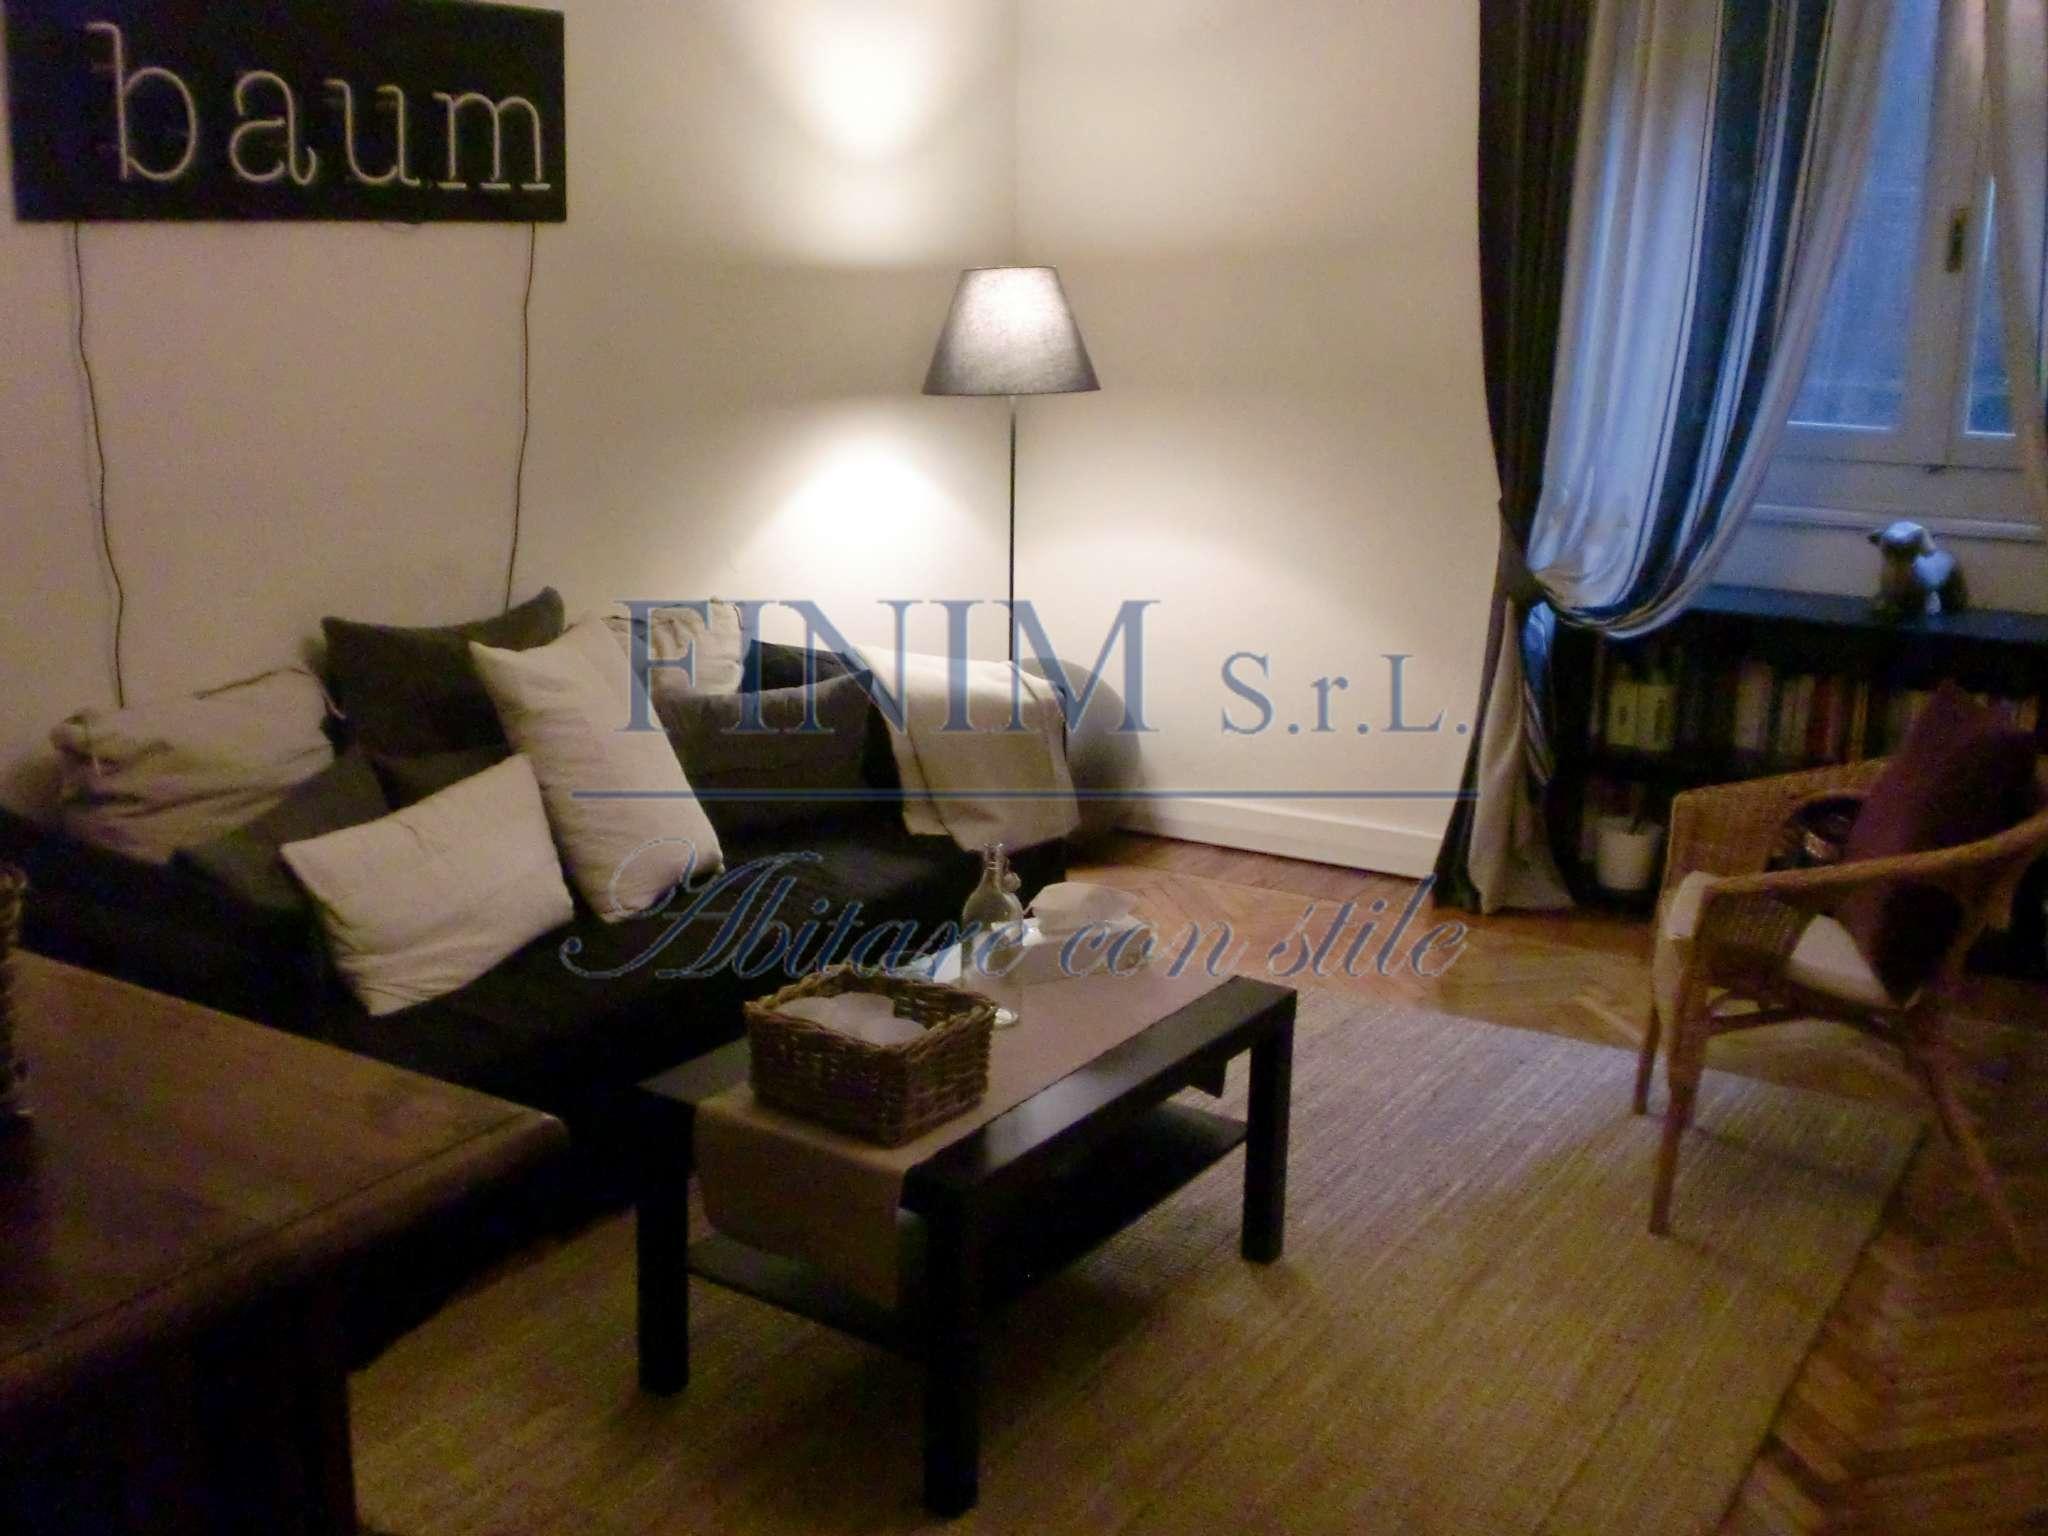 Ufficio-studio in Vendita a Milano 16 Savona / San Cristoforo / Napoli / Coni Zugna: 3 locali, 90 mq